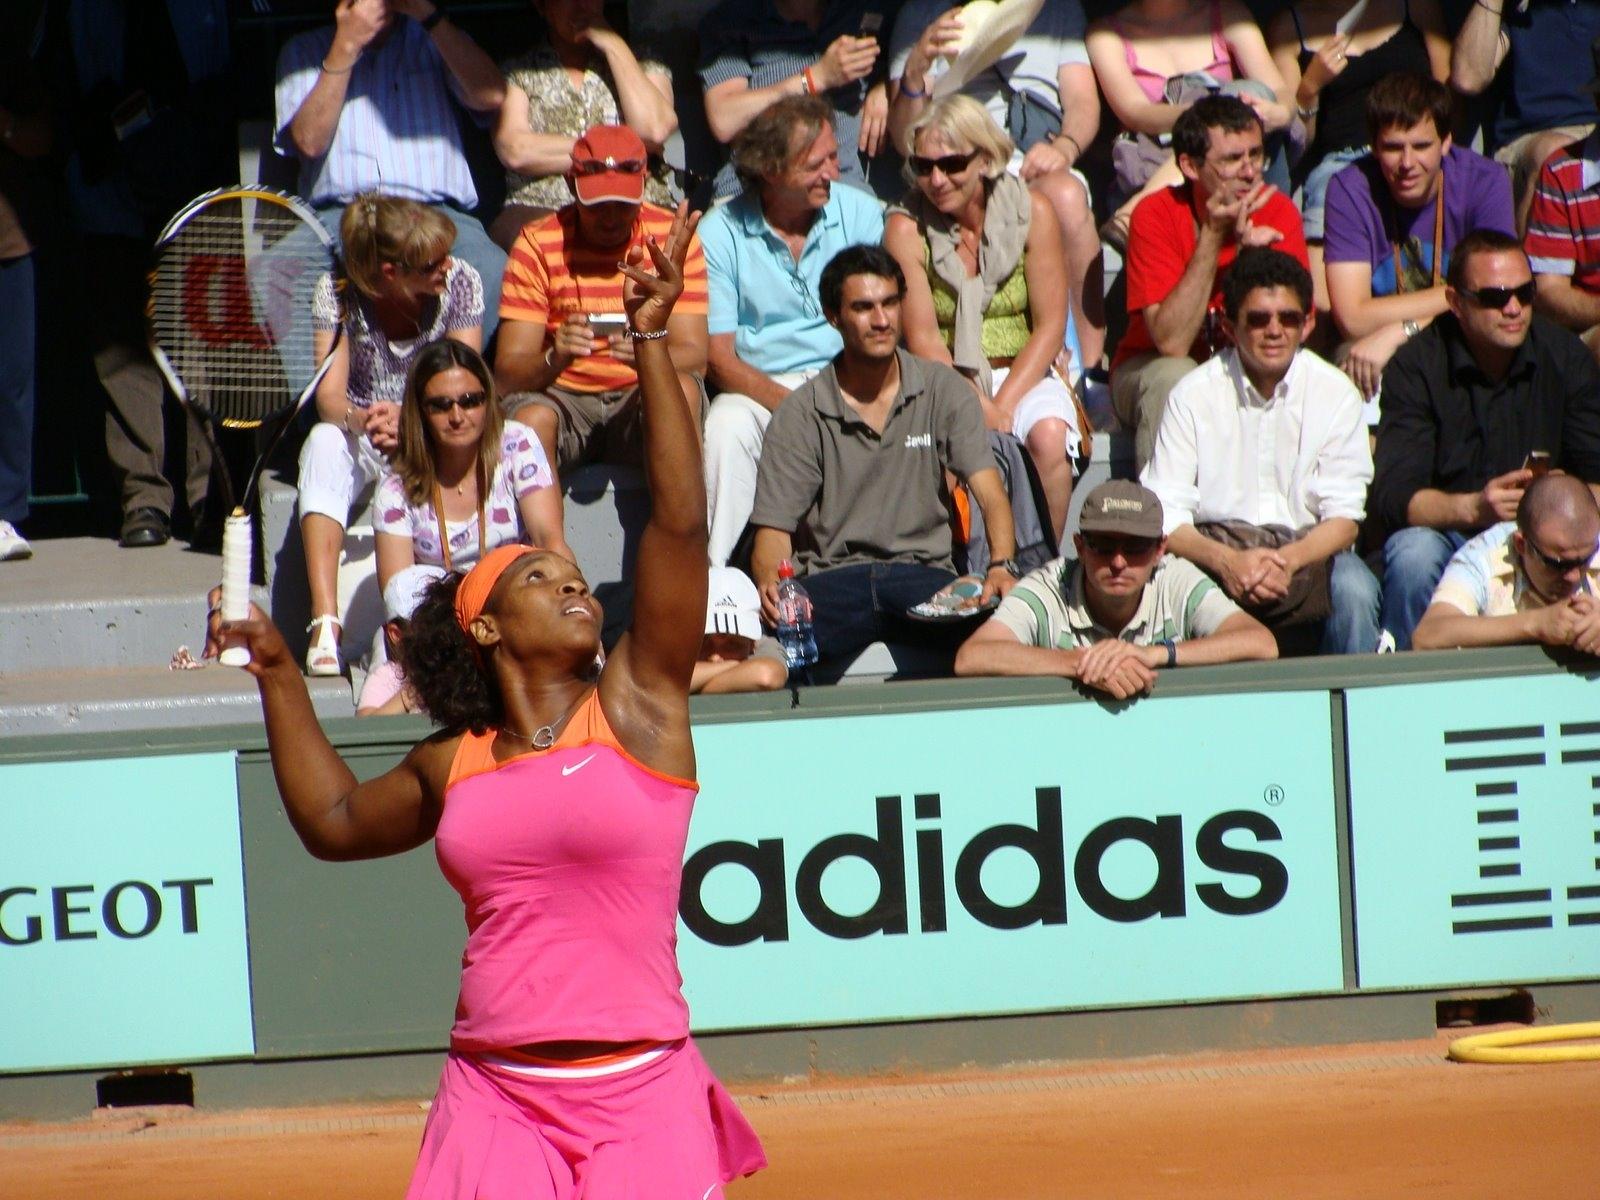 13_Serena at RG 2009